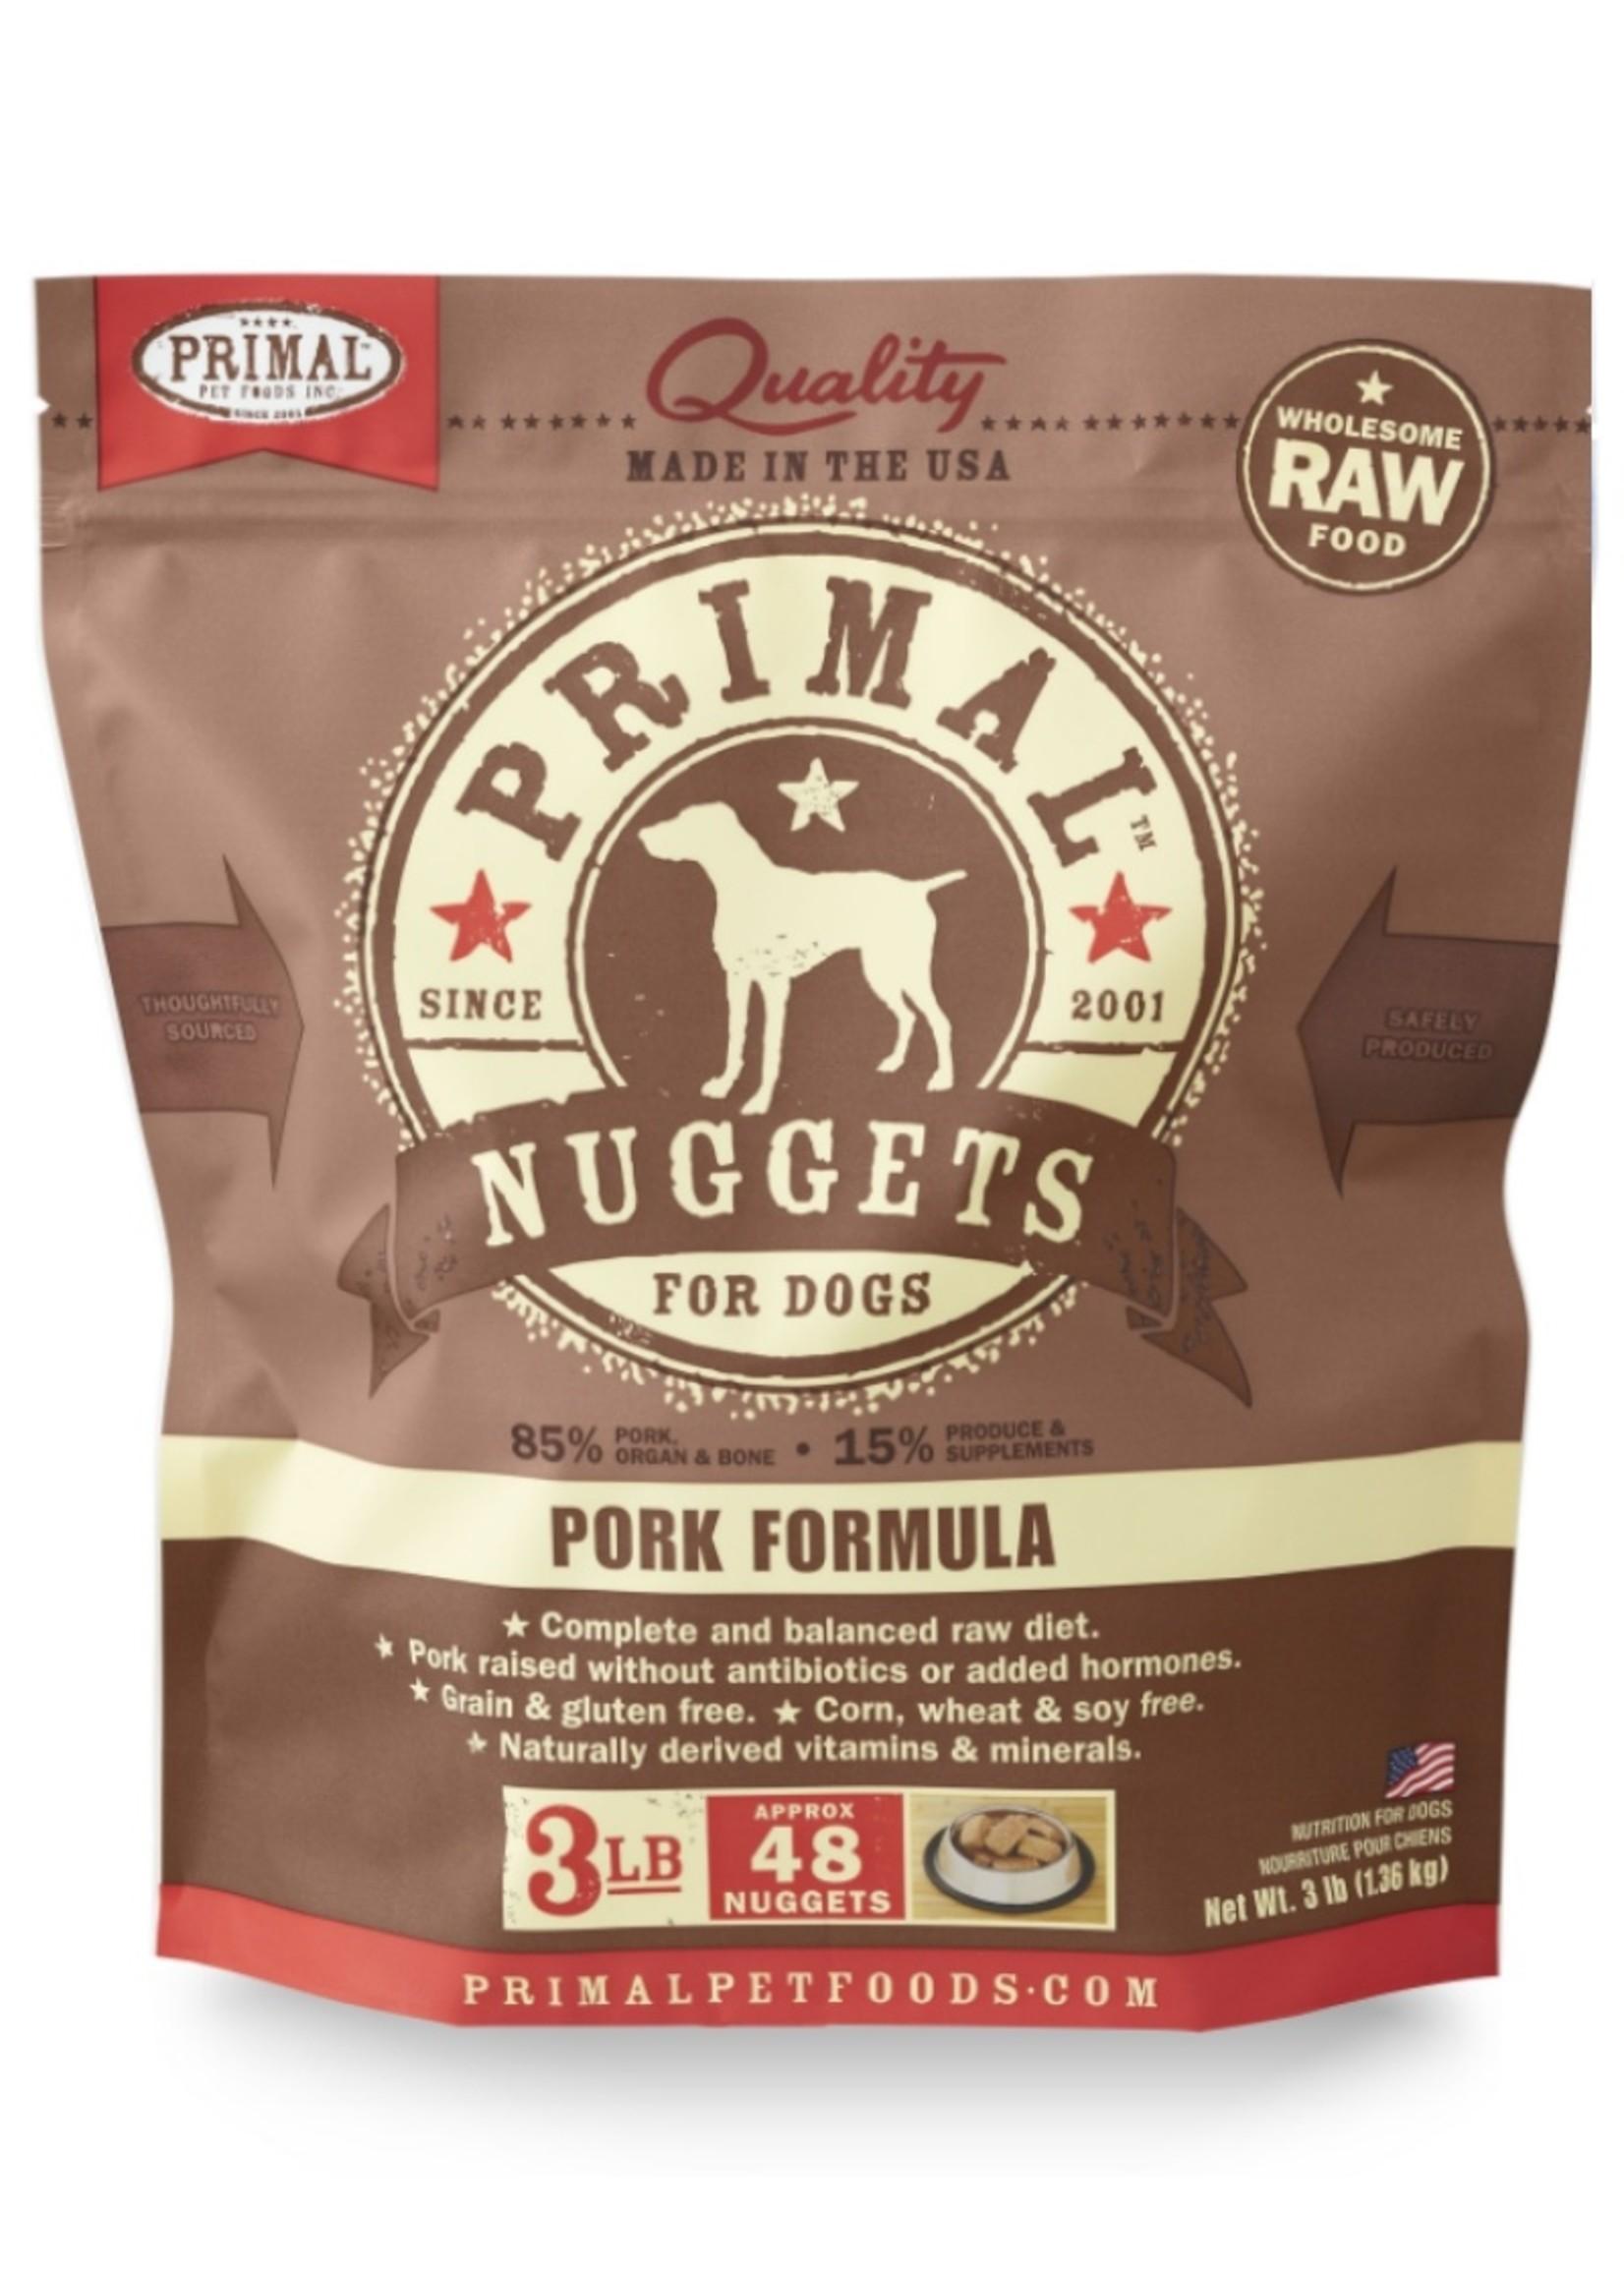 PRIMAL PET FOODS Primal Raw Pork Formula